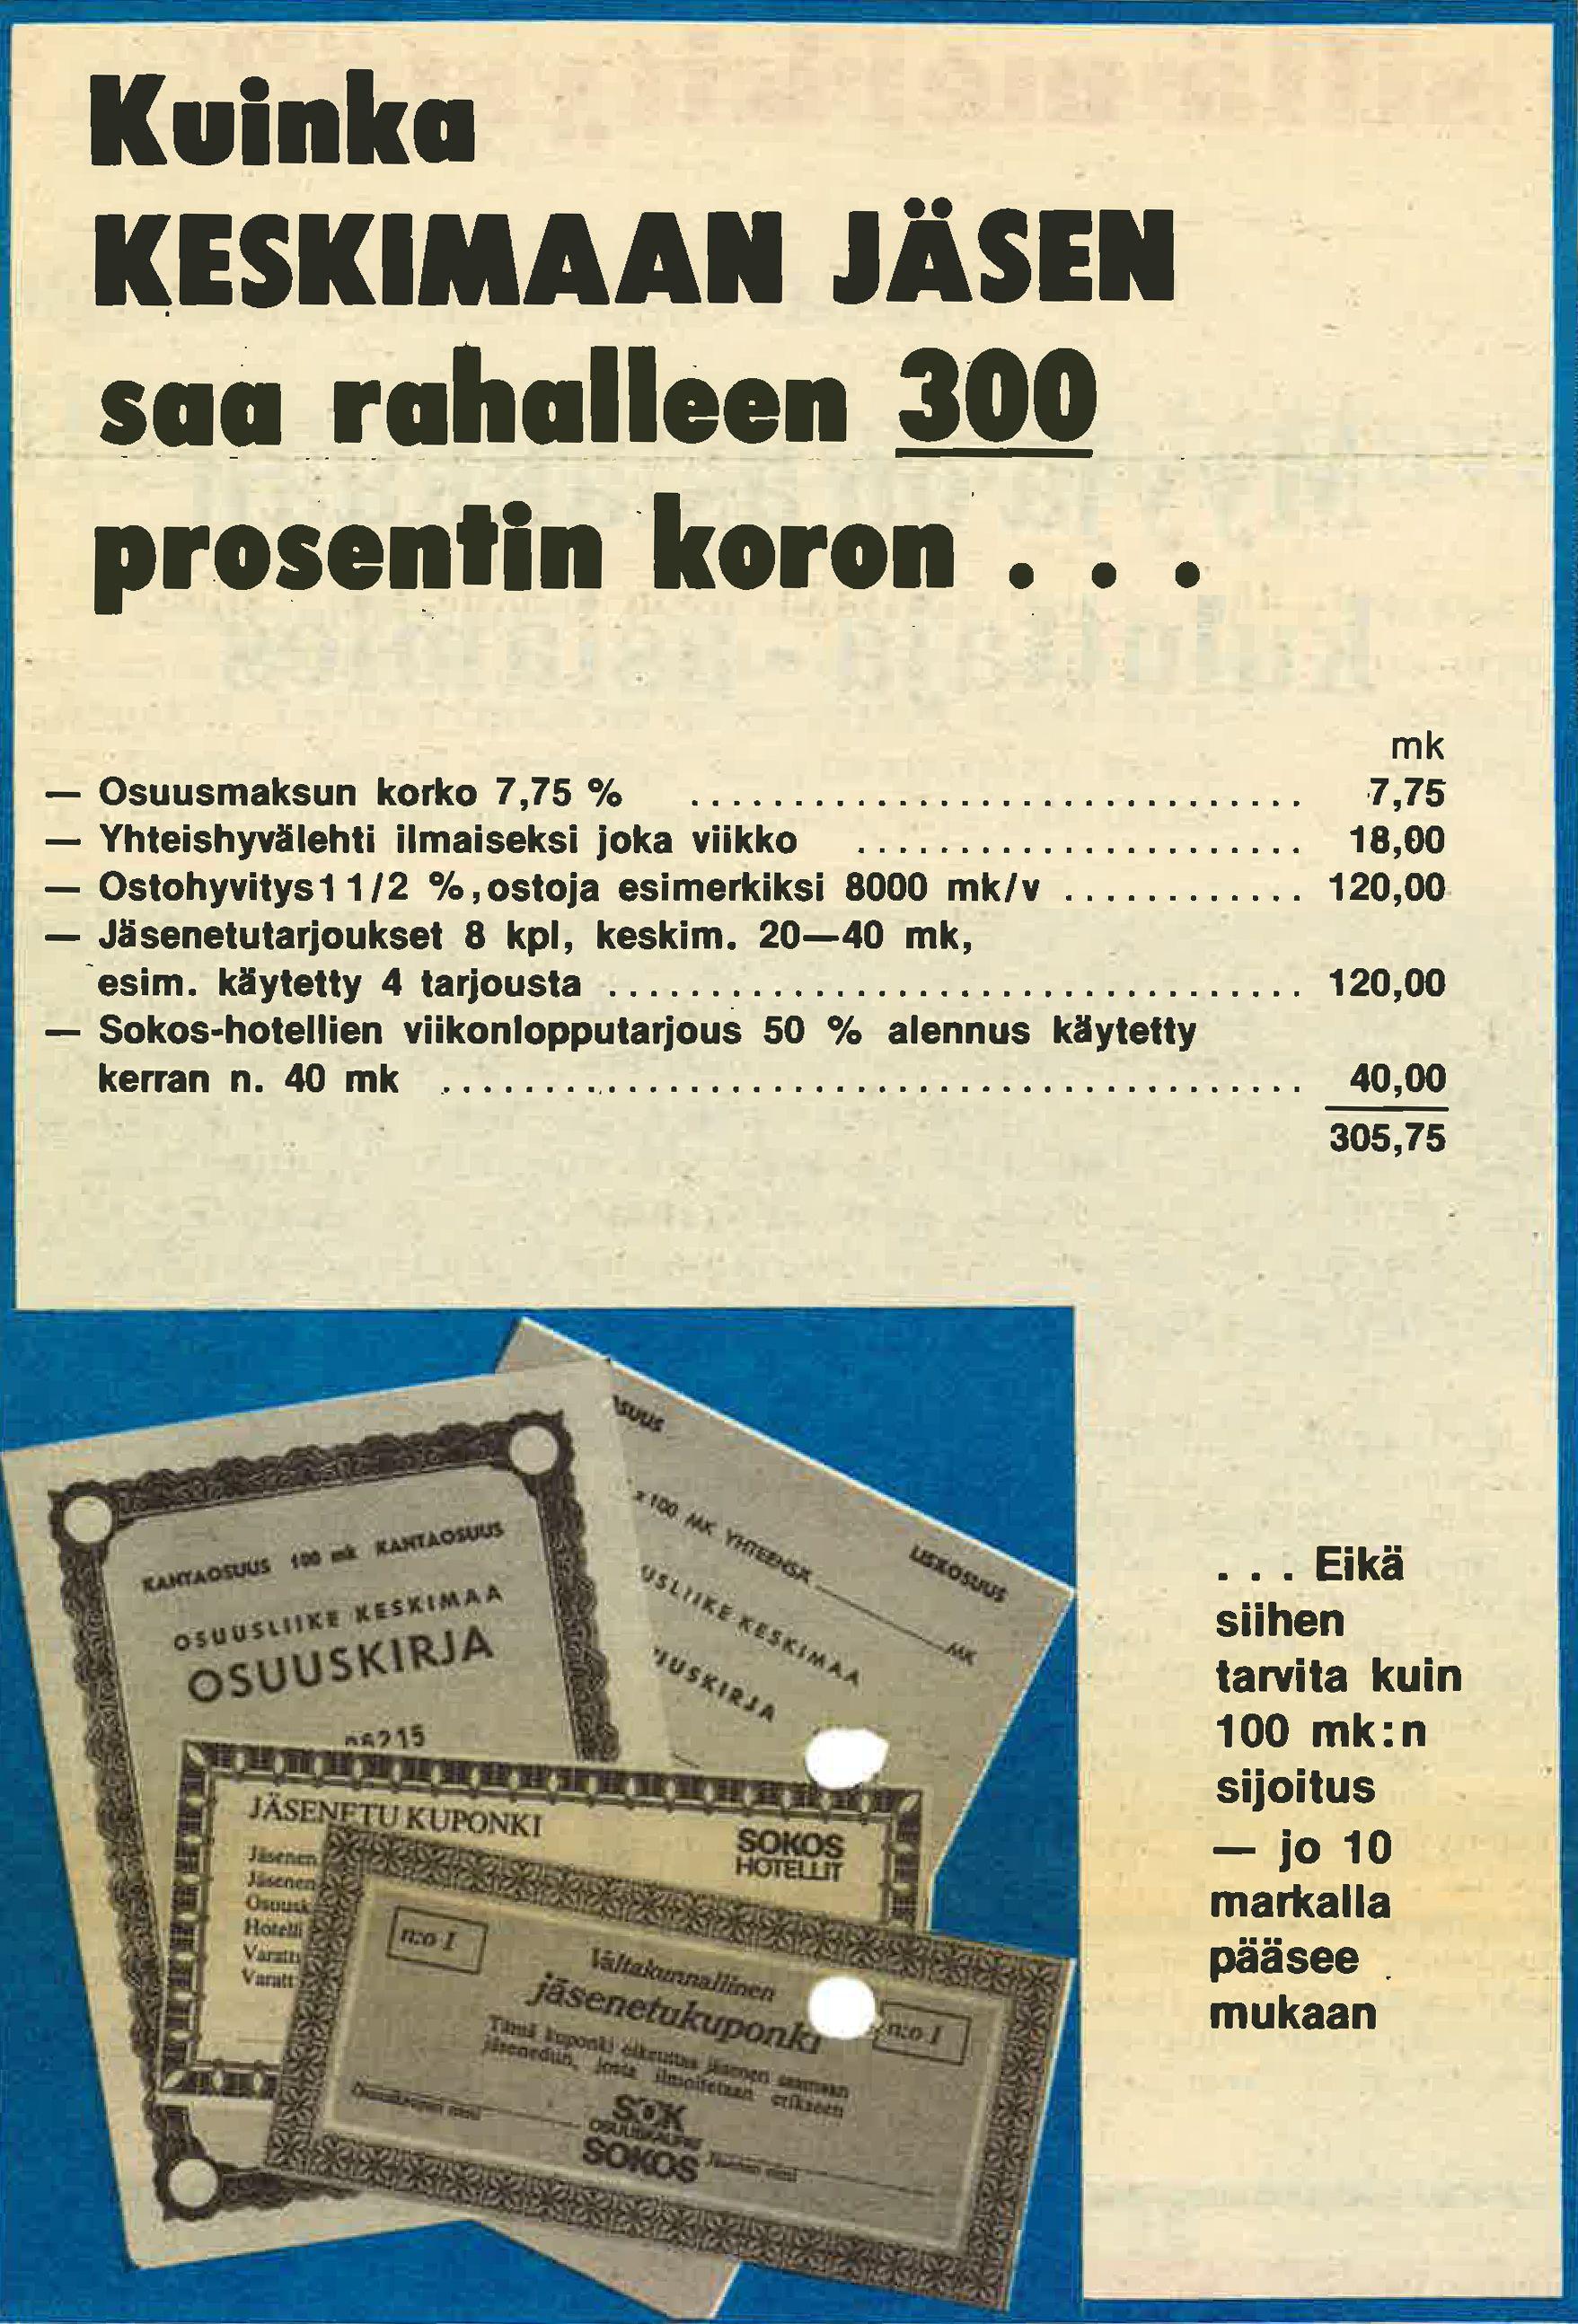 Mainos jäsenyyydestä Keskimaa-lehdessä vuonna 1975